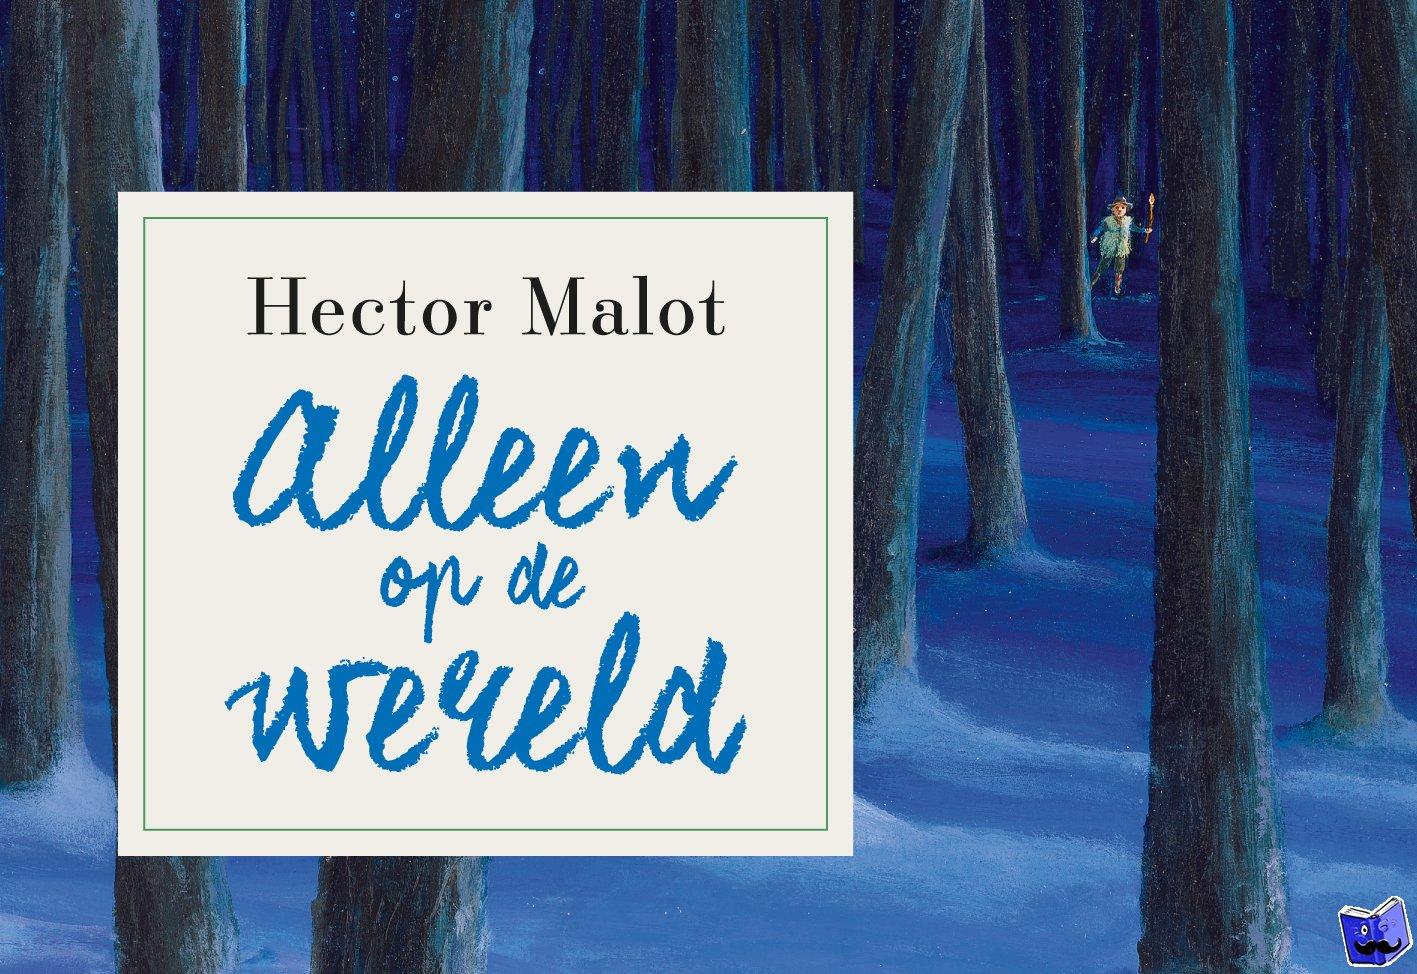 Malot, Hector - Alleen op de wereld